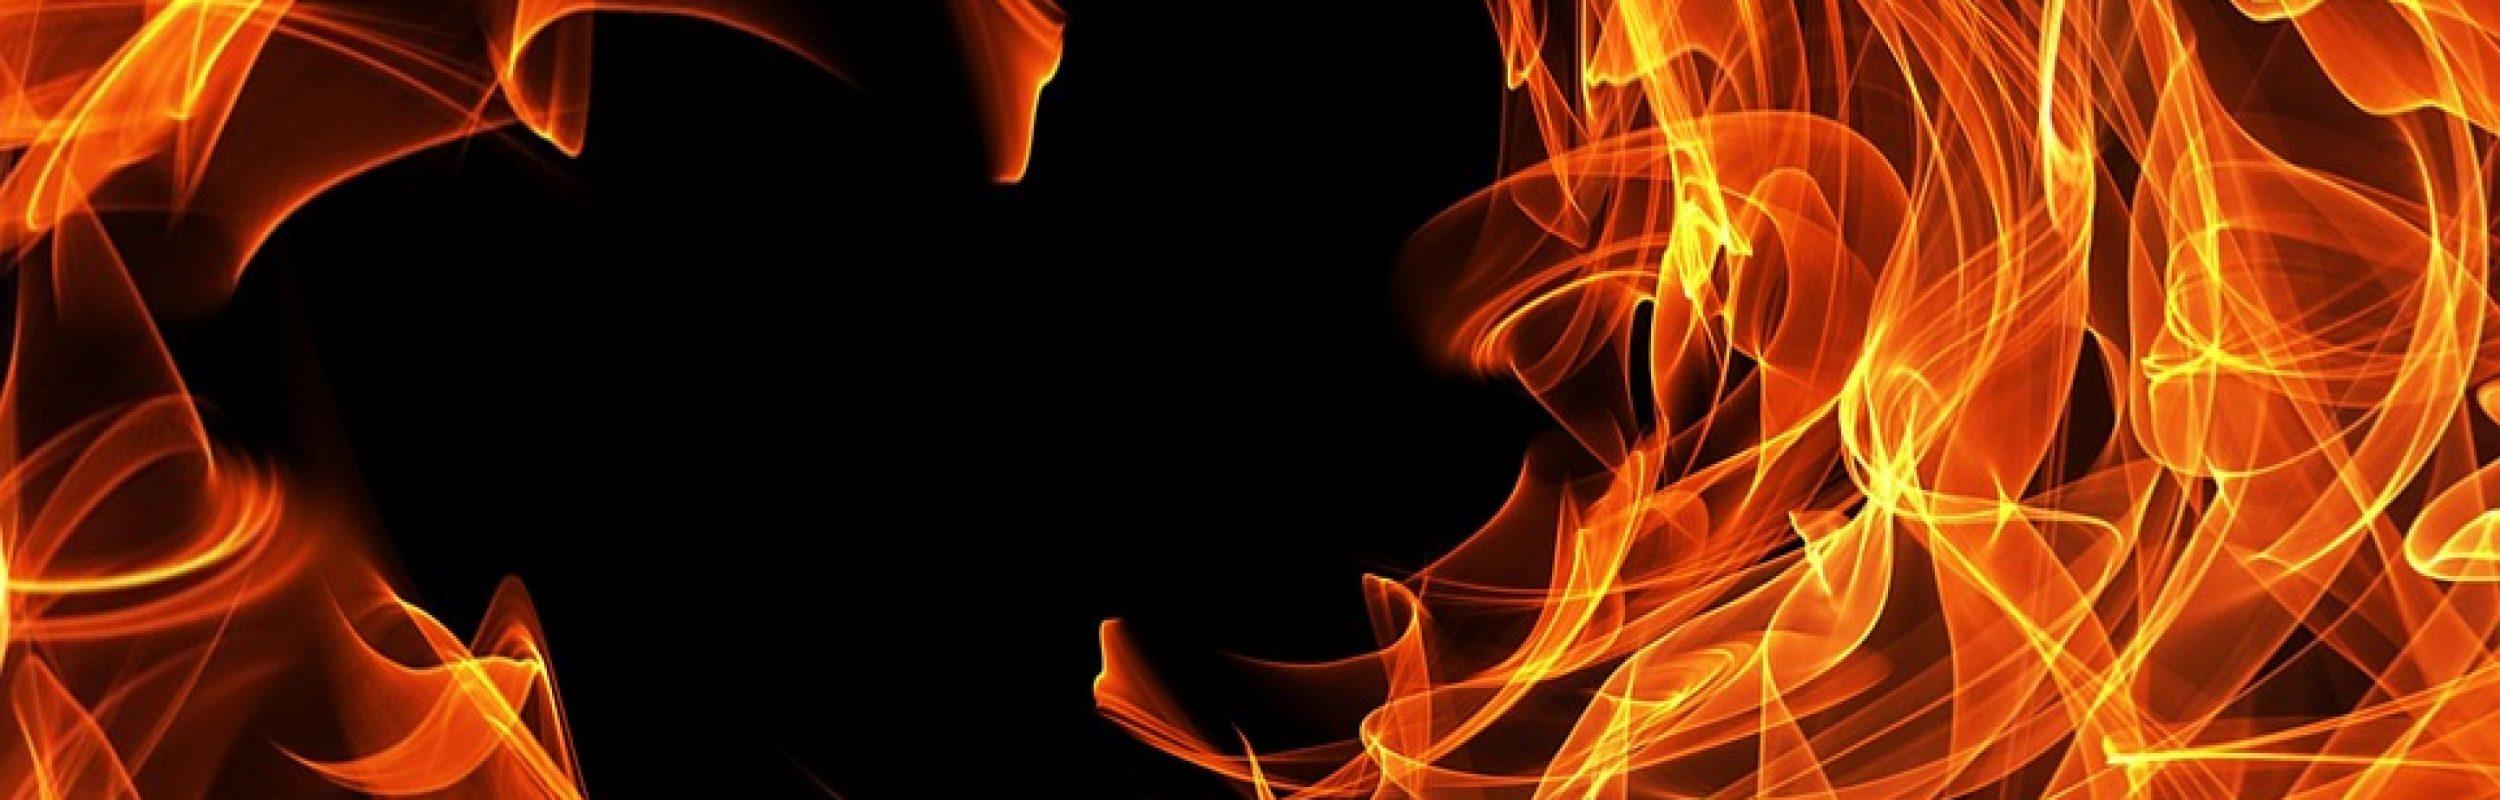 El Espíritu Santo de Dios contra el espíritu kundalini de la serpiente